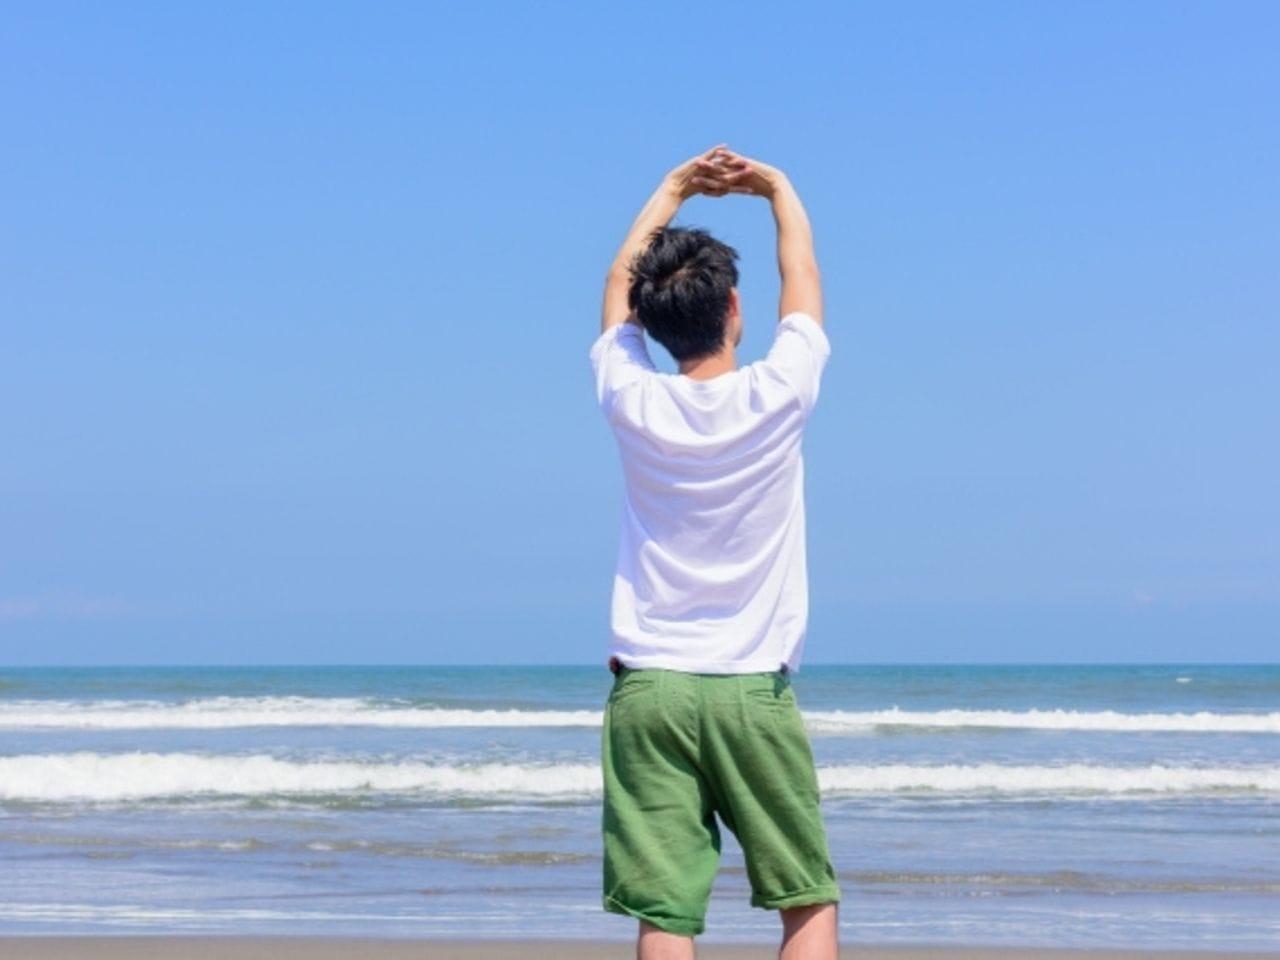 快適そうに海で背伸びする男性